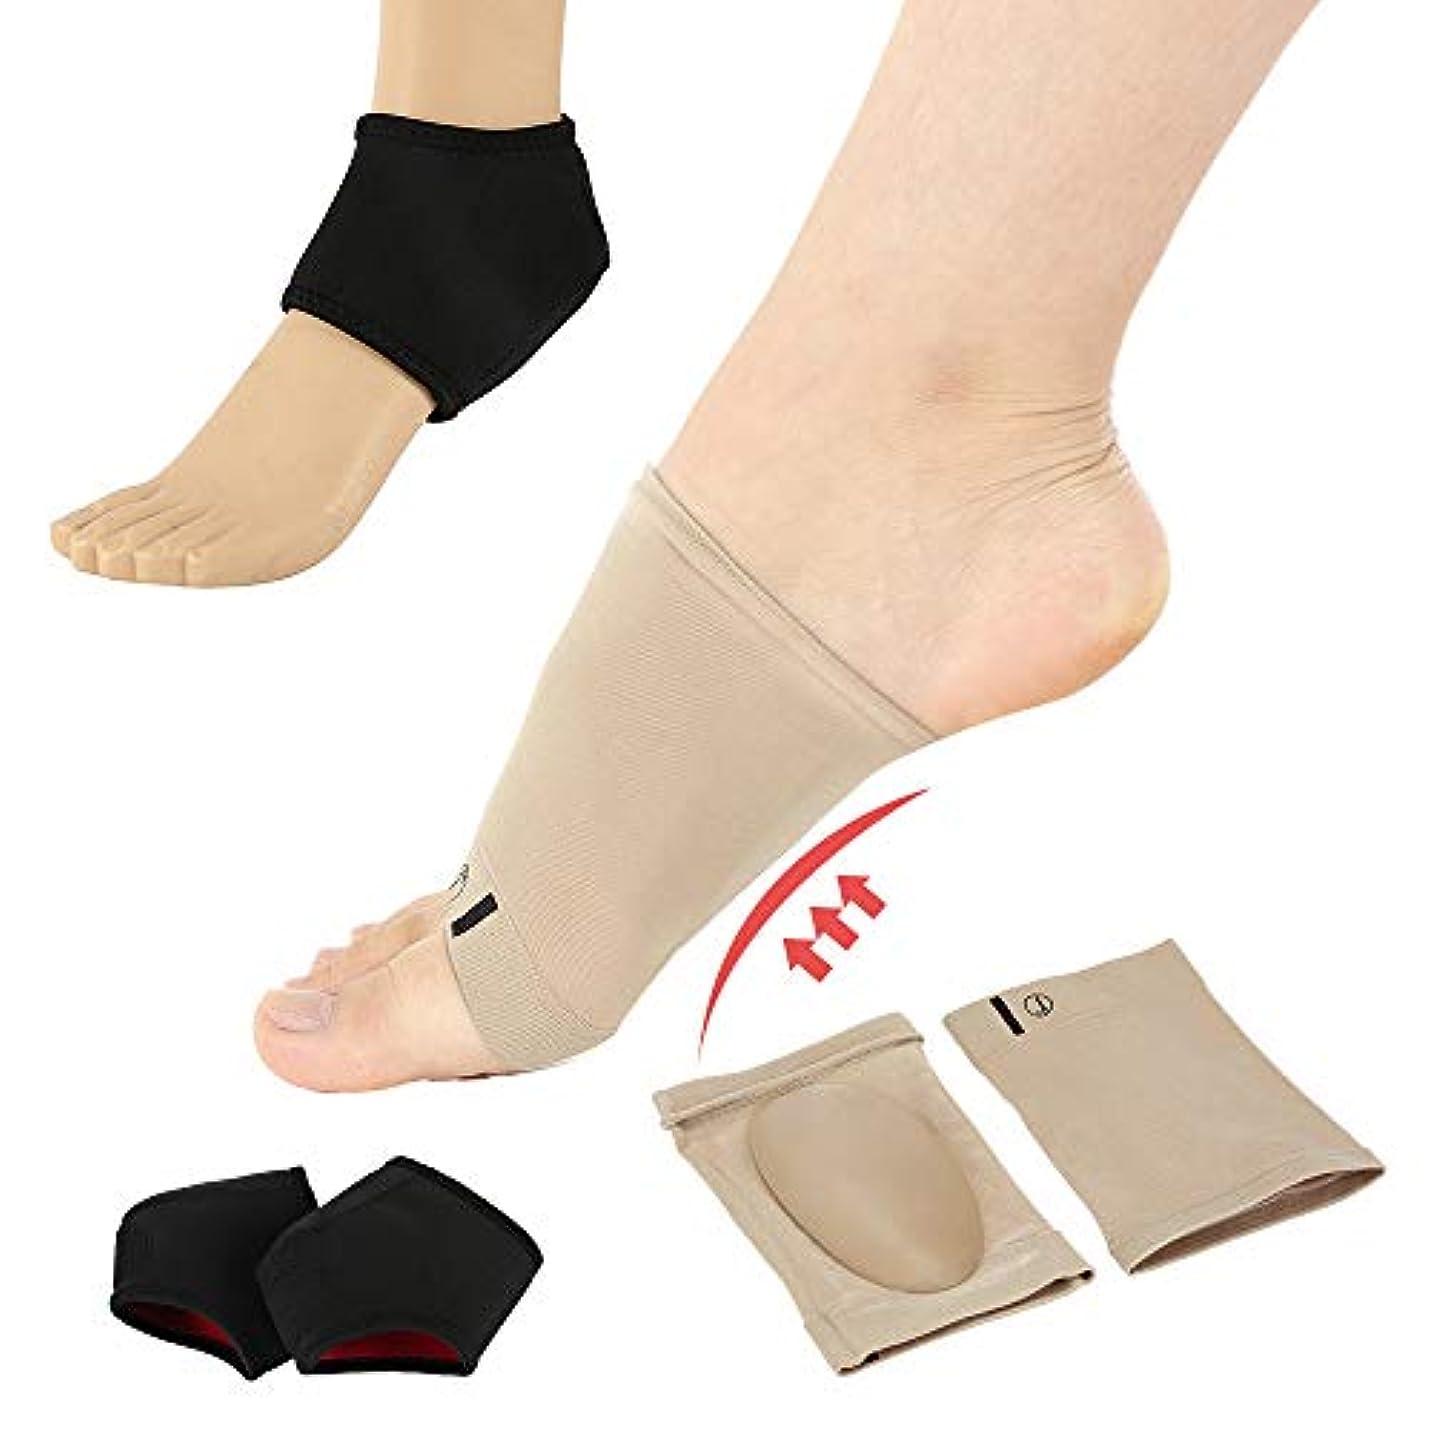 重大ウィンク地下鉄Thatboyjp 足首サポート 足首ブレース 足底筋膜炎 足の痛み解消 サイズ調整可能 アーチサポーター シリコン素材 足の痛み防止 足裏 フリーサイズ 男女兼用